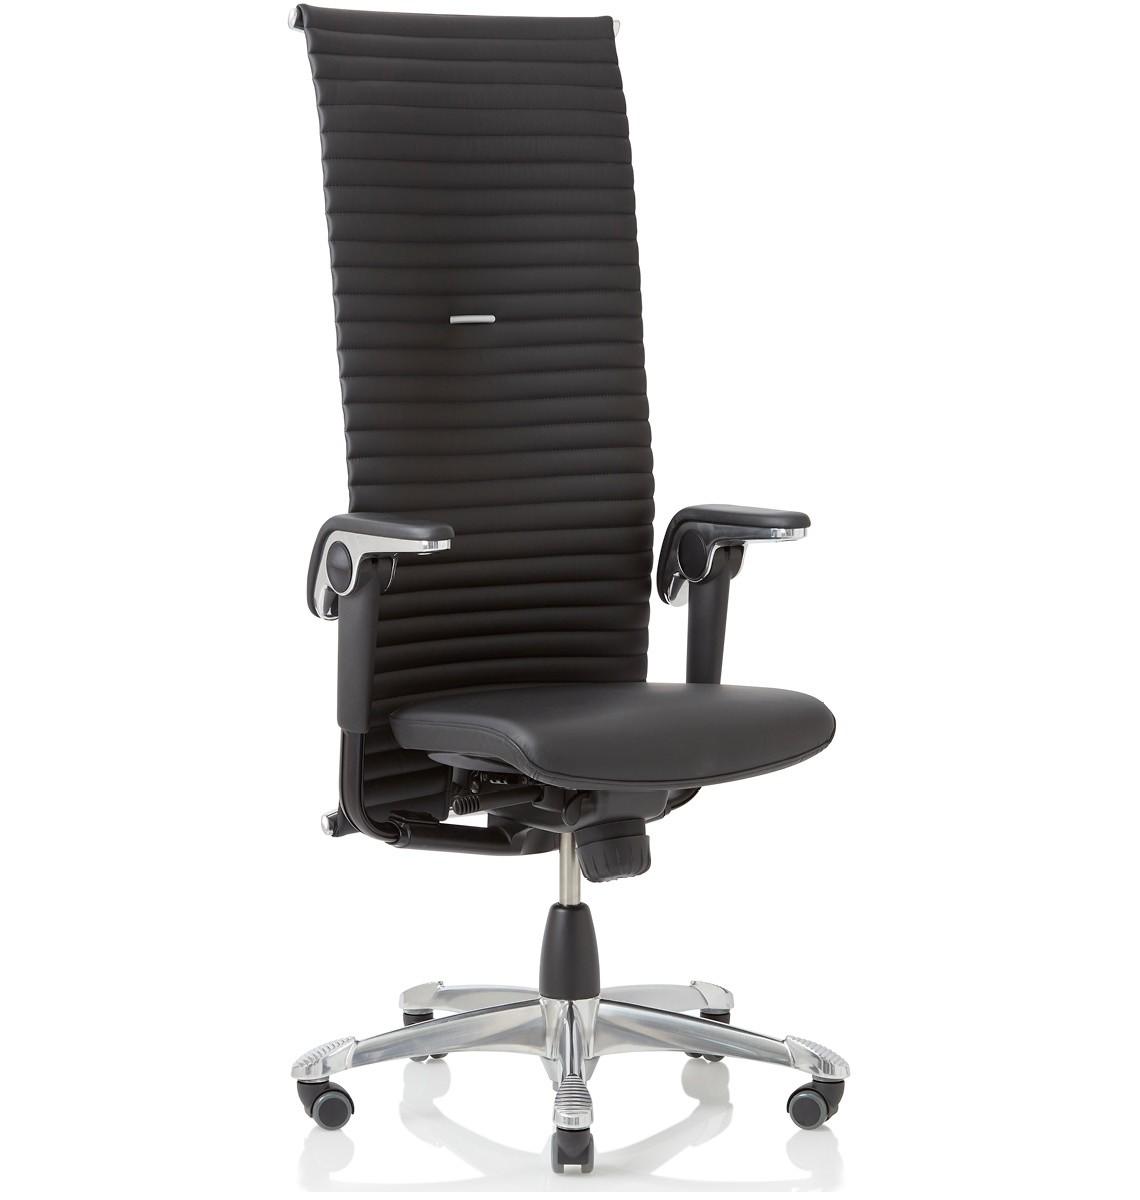 Luxe Leren Bureaustoel.Bureaustoel Hag Excellence Leder Directiestoelen Kopen Mv Kantoor